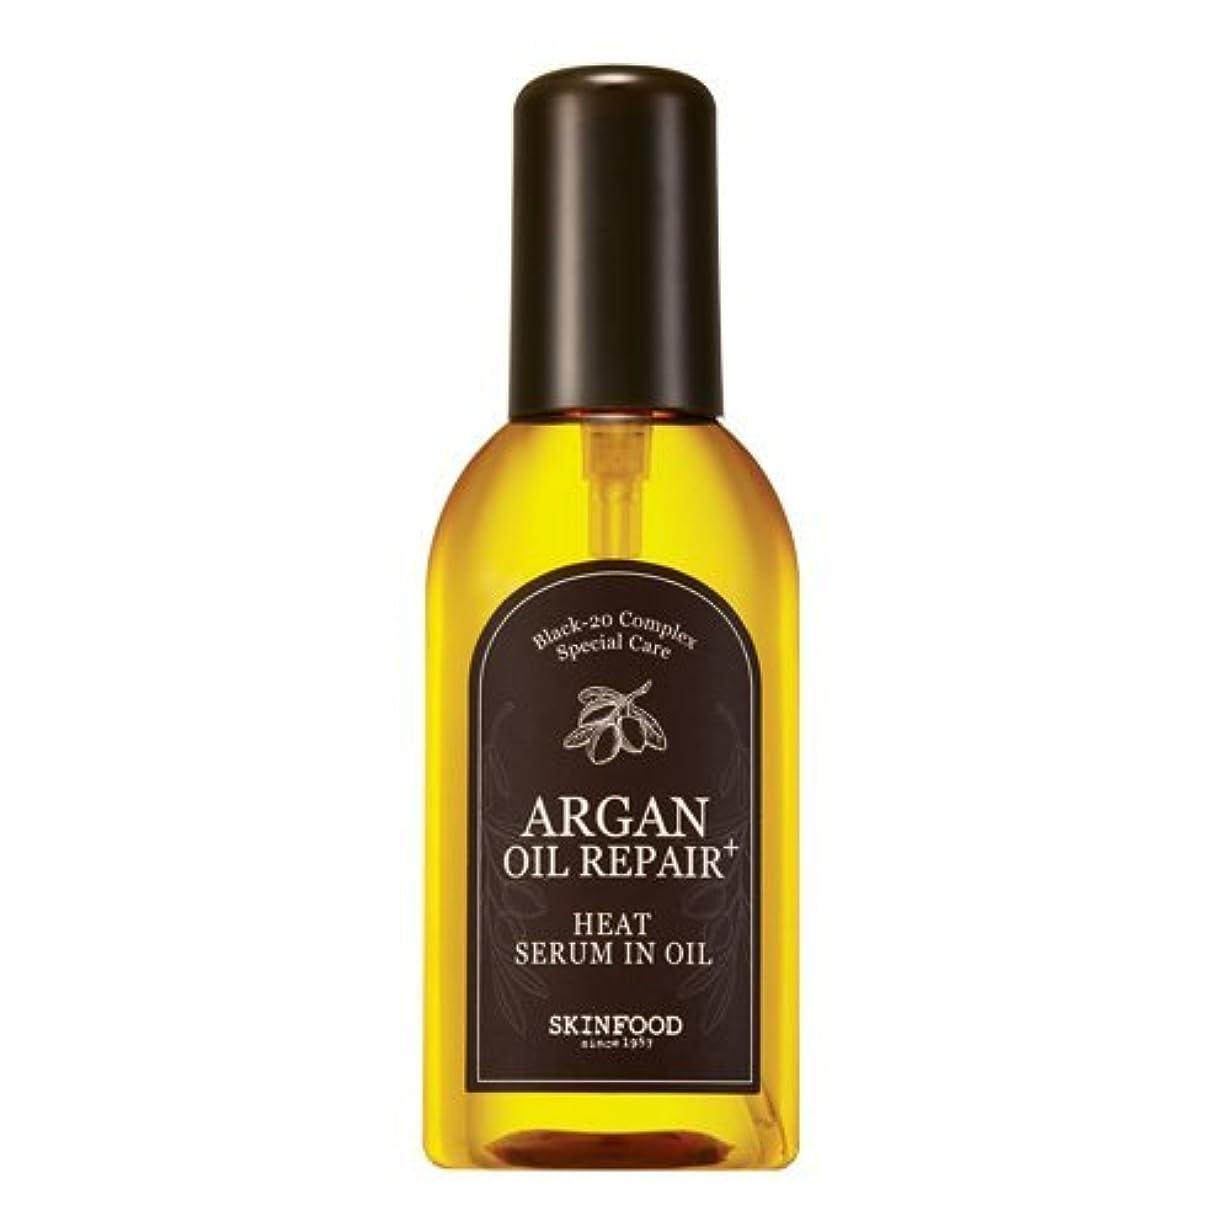 ペネロペ弓神学校[1+1]SKINFOOD Argan Oil Repair Plus Heat Serum in Oil 100ml*2/スキンフード アルガンオイル リペア プラス ヒート セラム イン オイル 100ml*2 [並行輸入品]